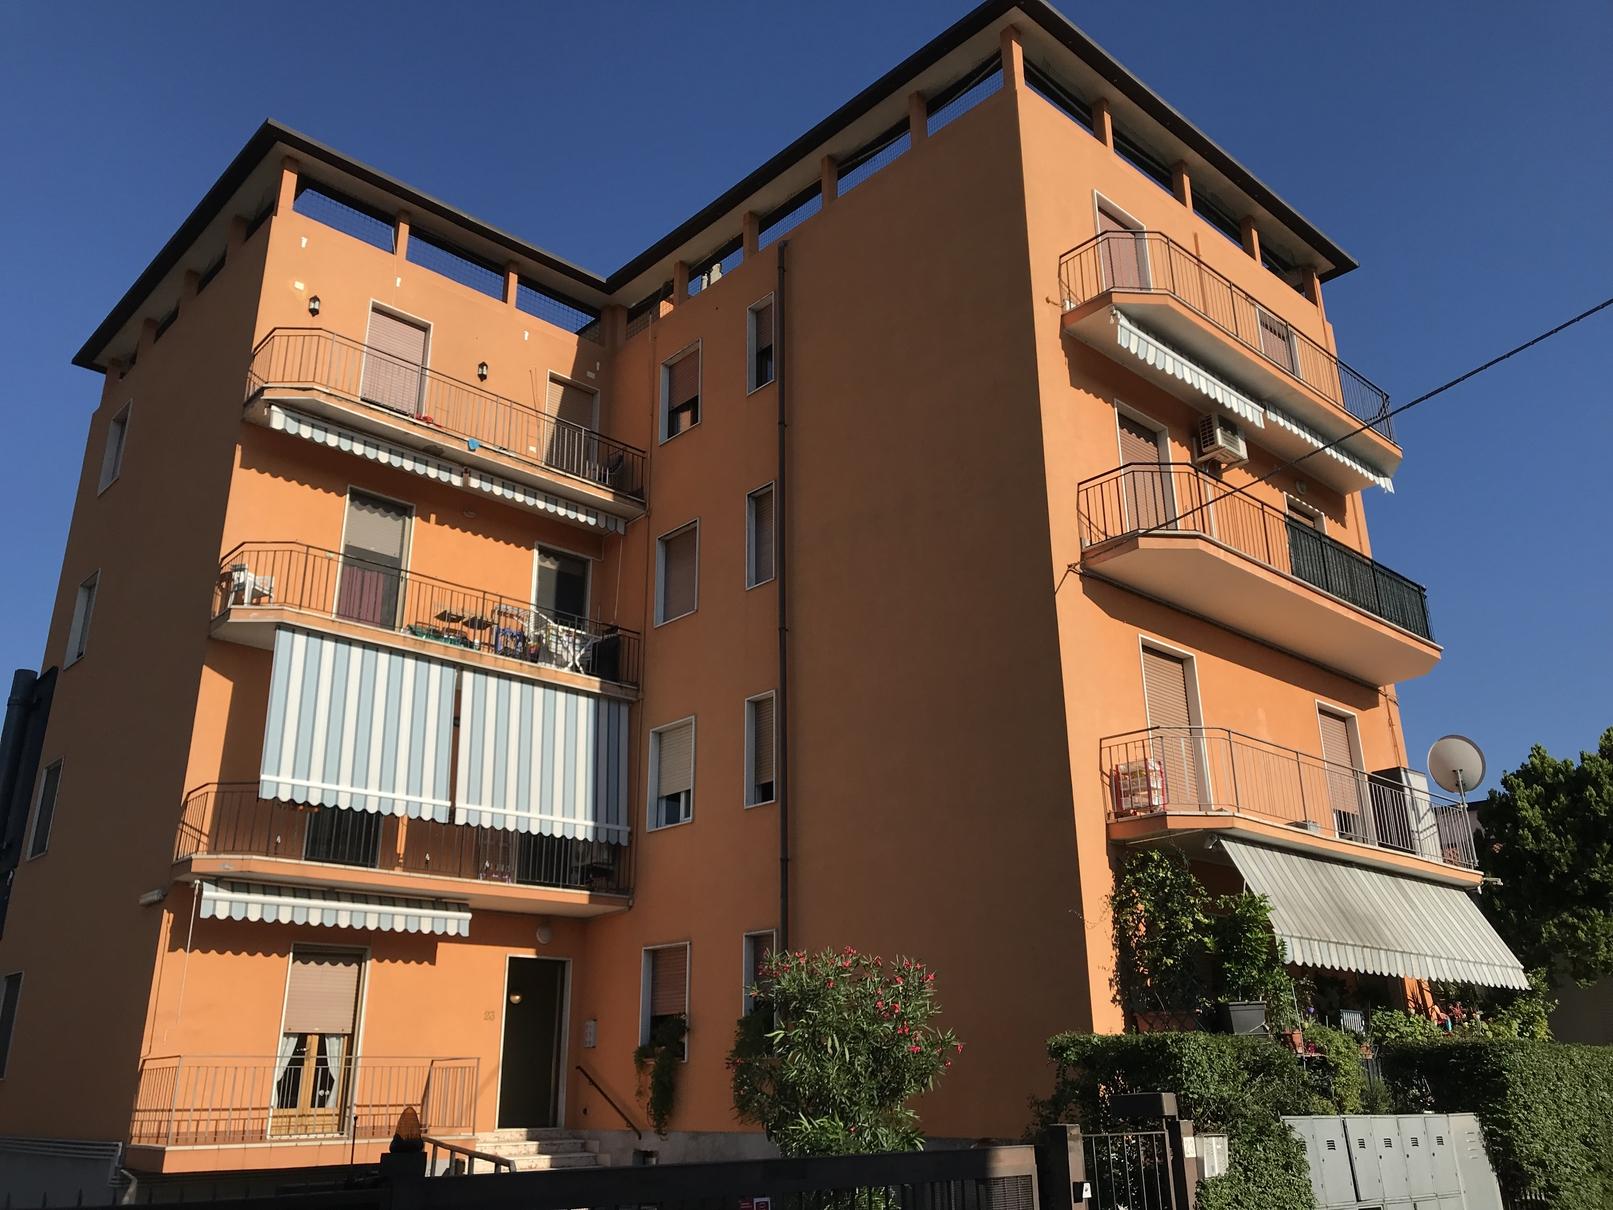 Spese Condominiali : Appartamento quadrilocale in vendita a pescantina viale